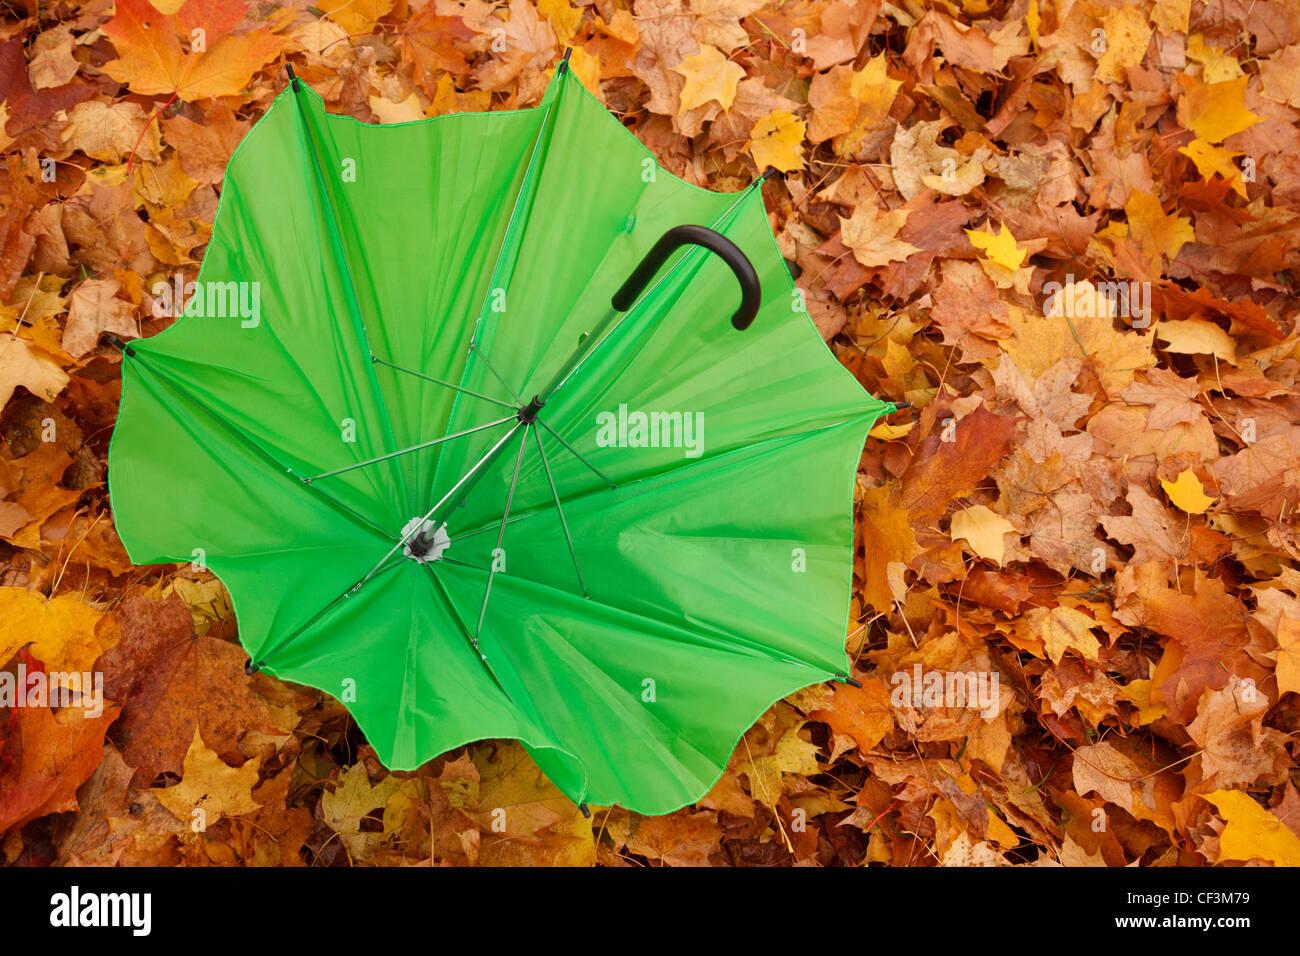 Verde paraguas abierto reside en contra de otoño hojas amarillas. Formato horizontal. Imagen De Stock